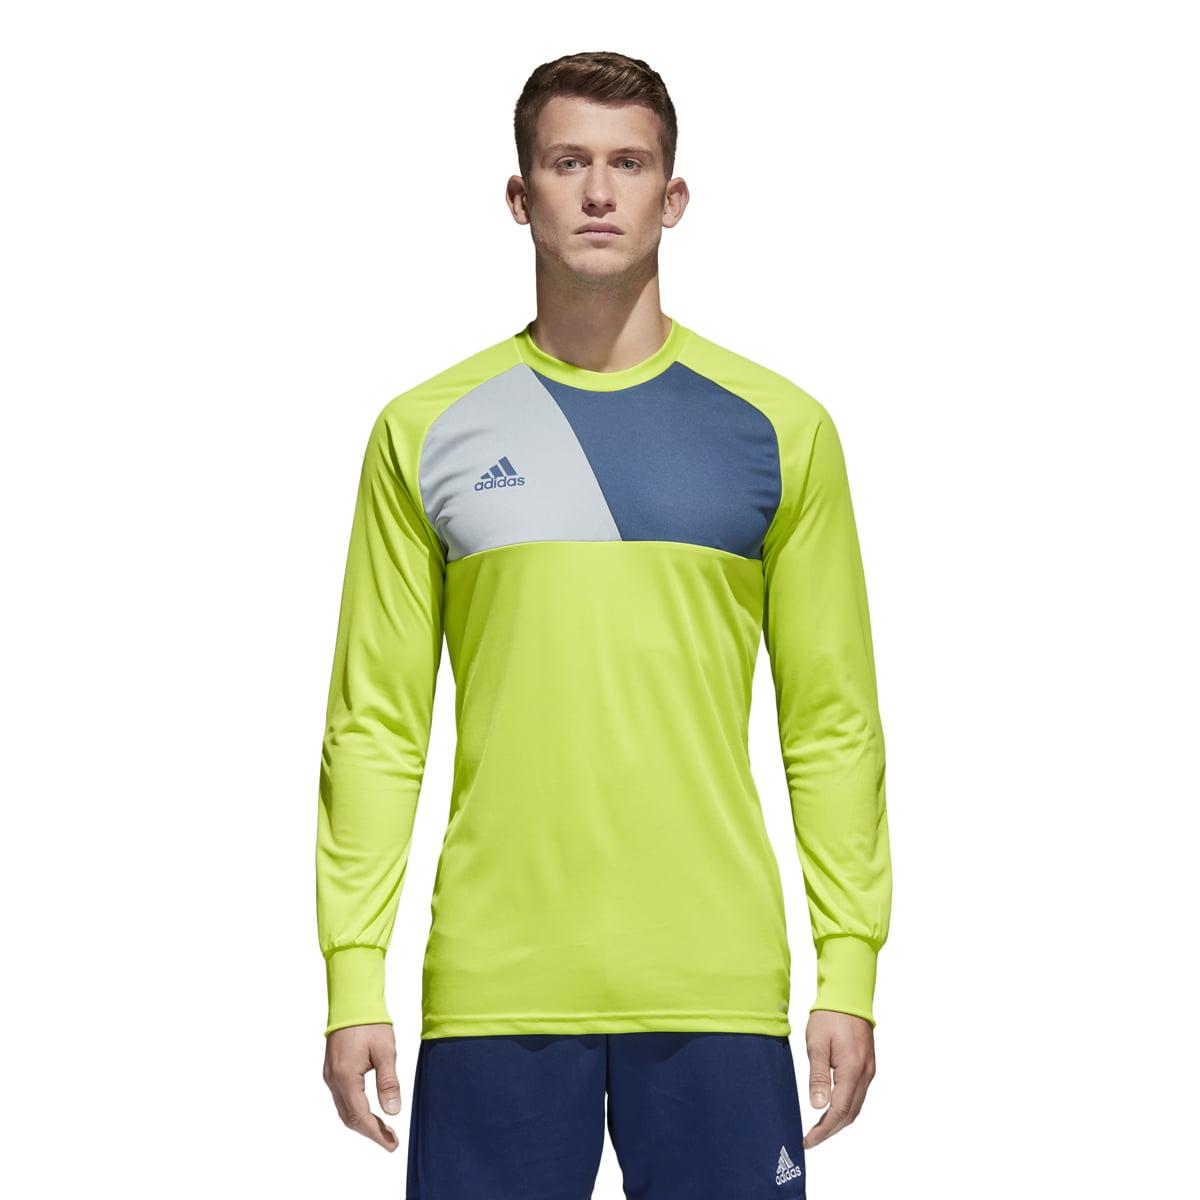 Adidas - Men's Adidas Assista 17 Goal Keeper Jersey Green ...